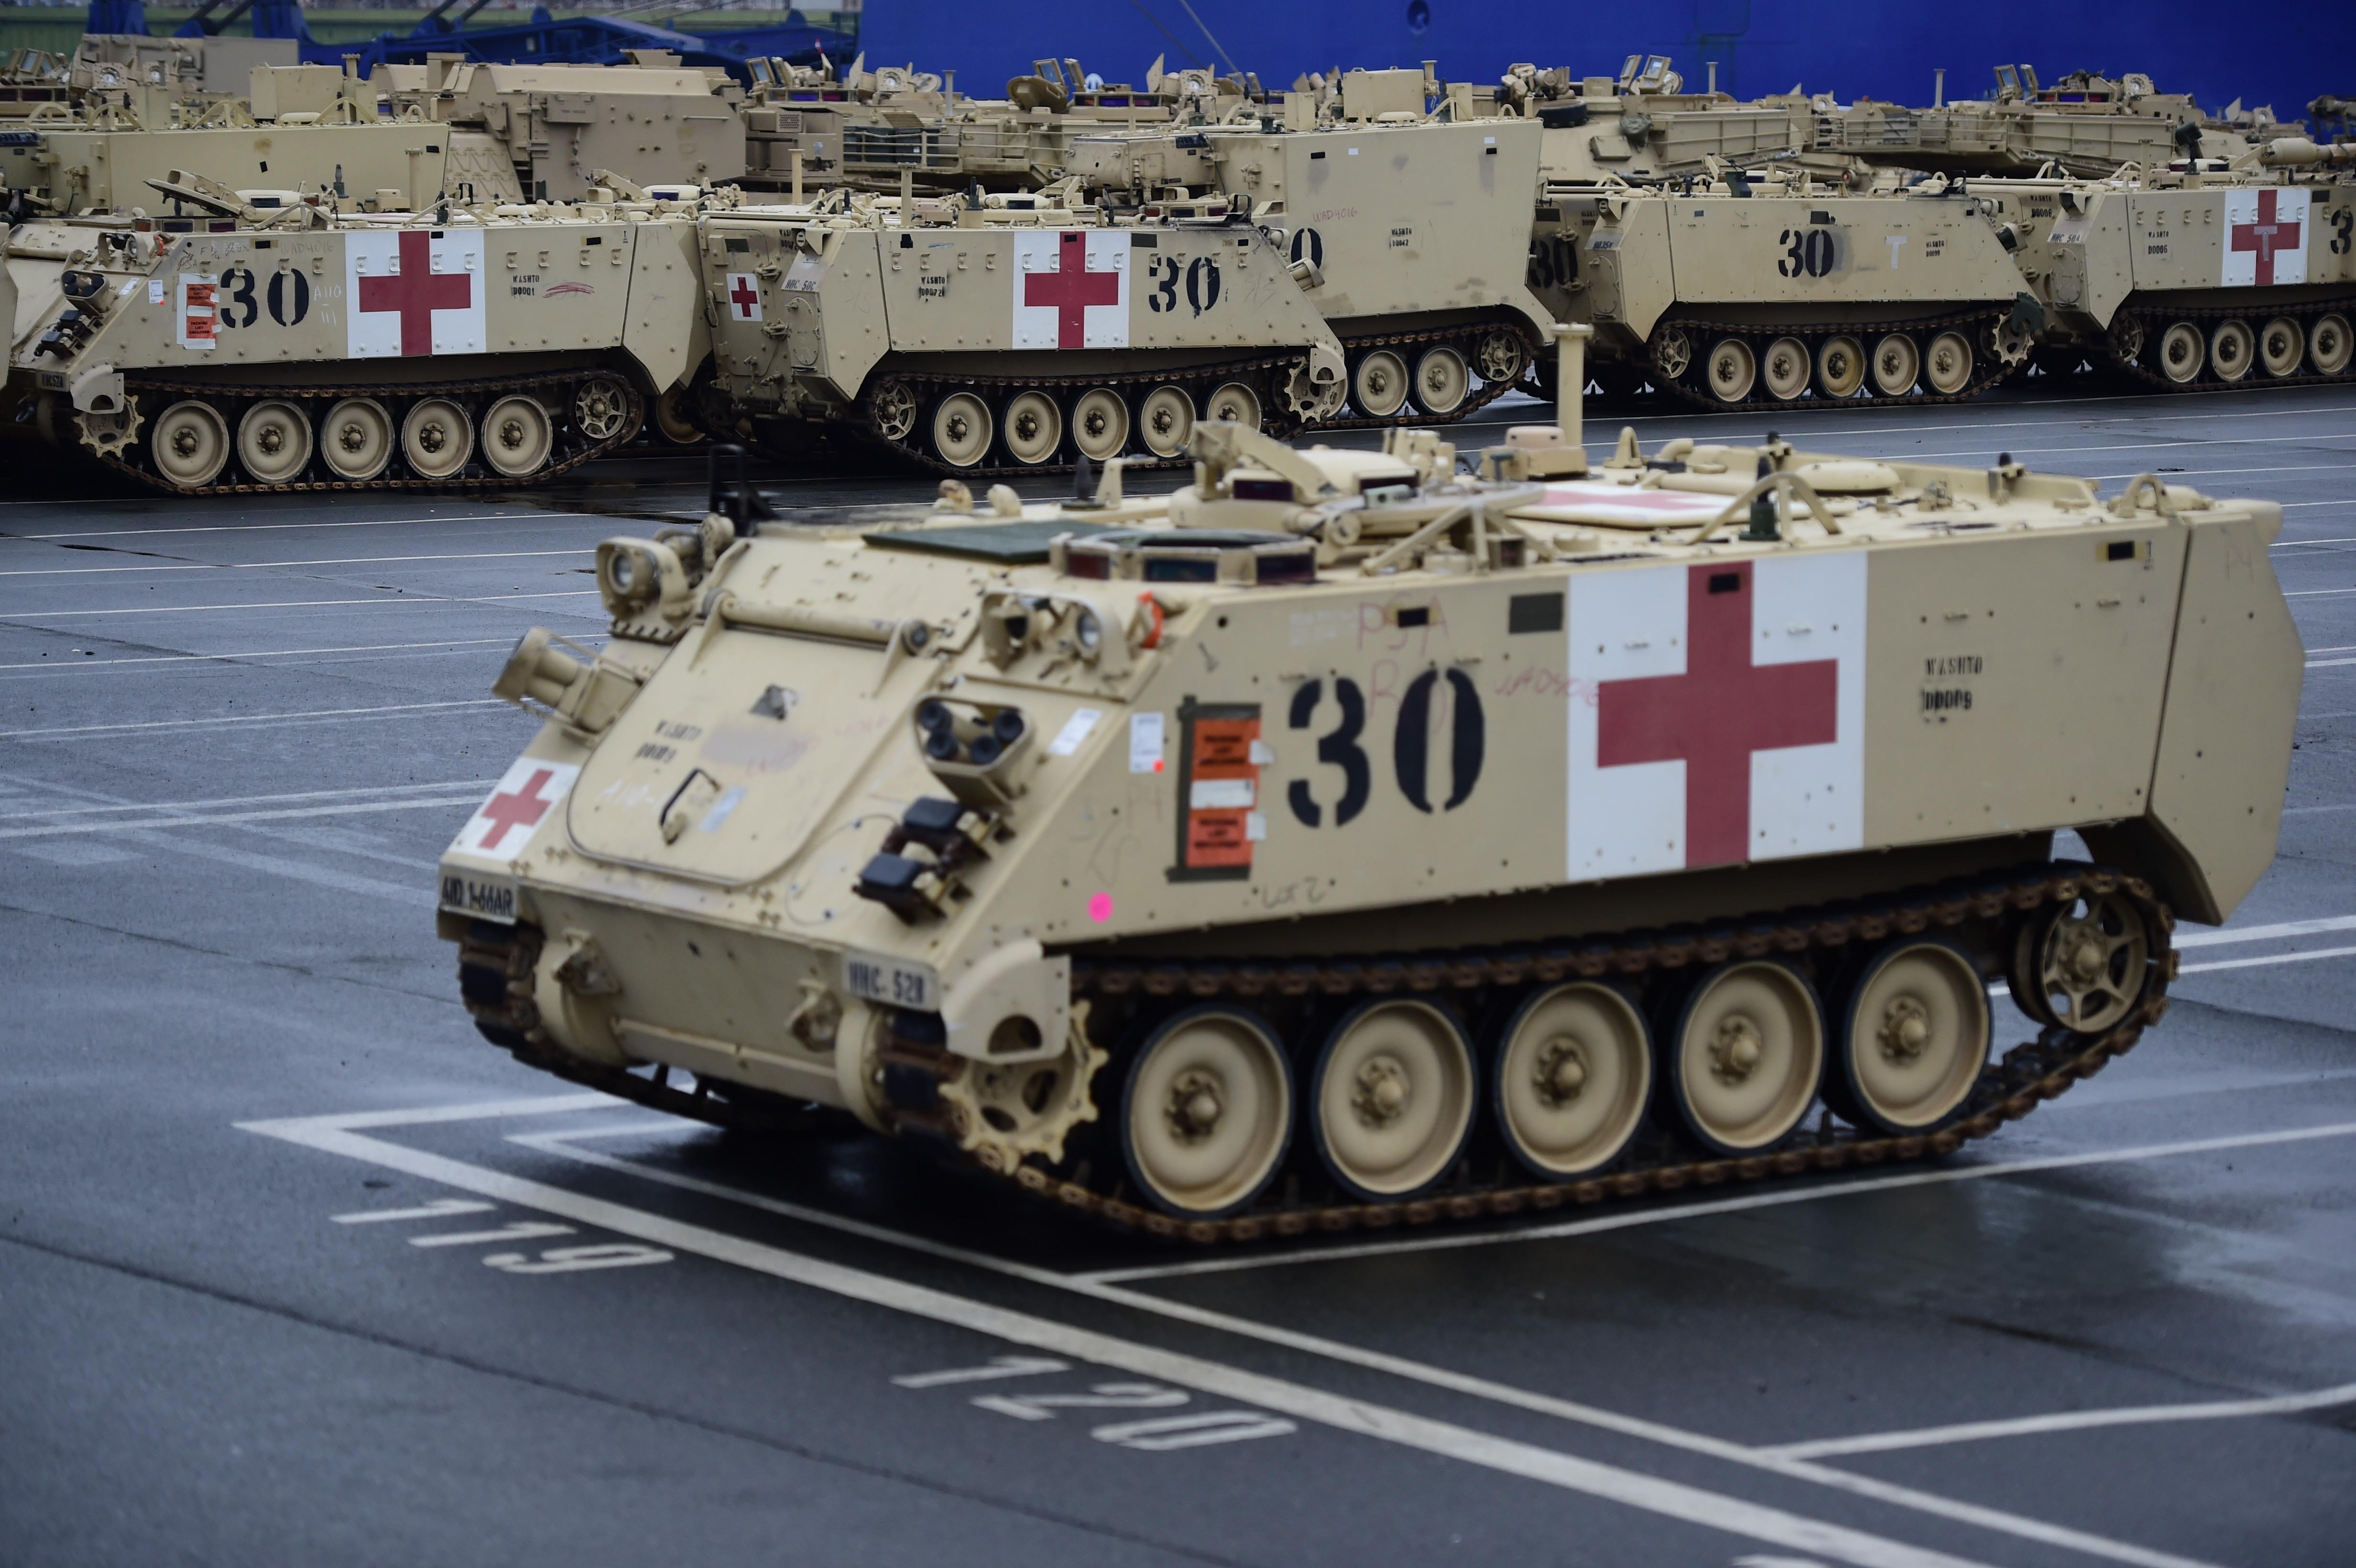 Trabajadores descargan vehículos blindados M1 Abrams y Bradley en Bremerhaven, Alemania. (Crédito: Alexander Koerner/Getty Images)